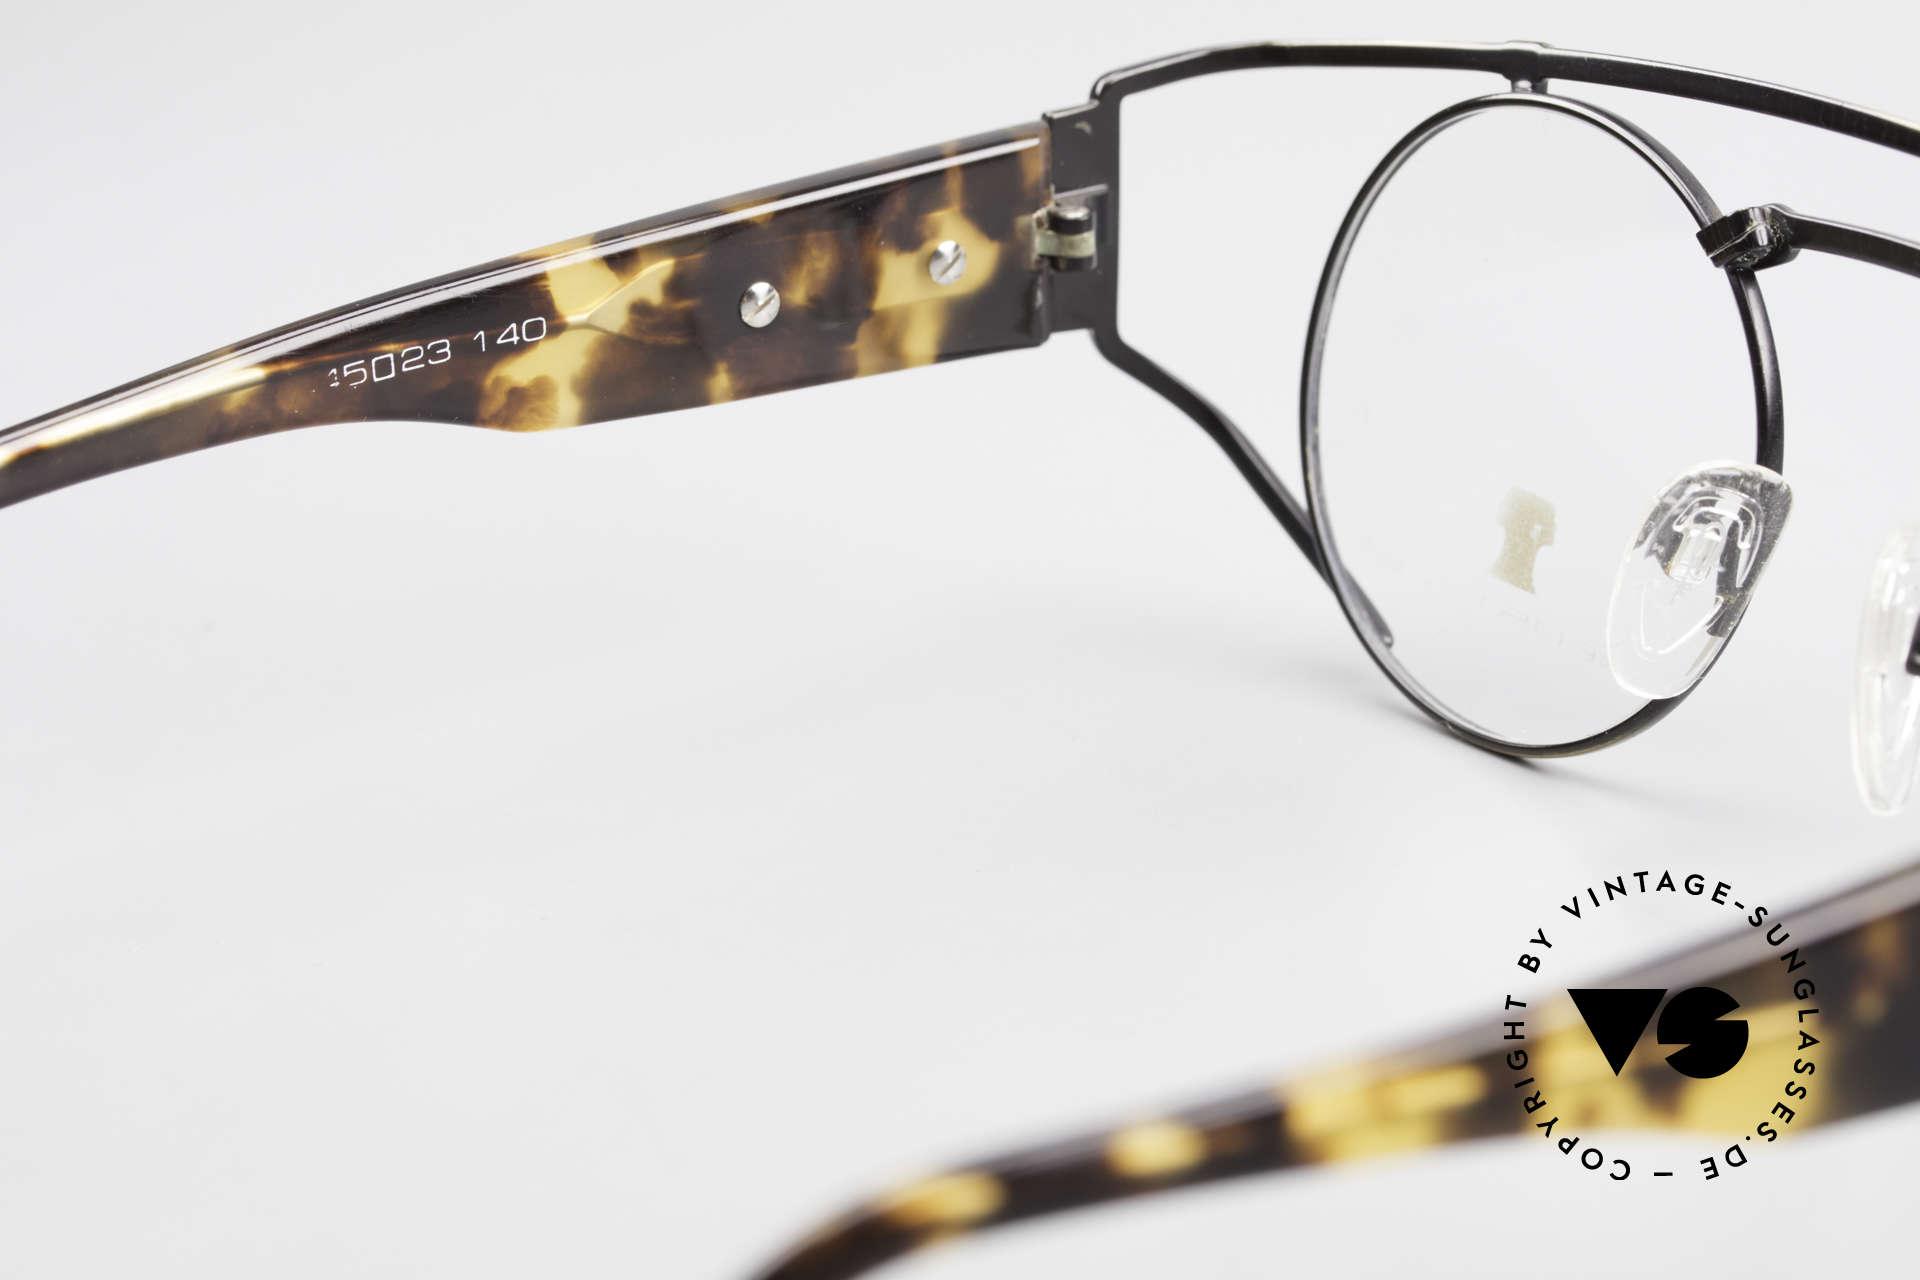 Neostyle Superstar 1 Steampunk Vintage Brille, KEINE RETROBRILLE, sondern ein altes ORIGINAL, Passend für Herren und Damen